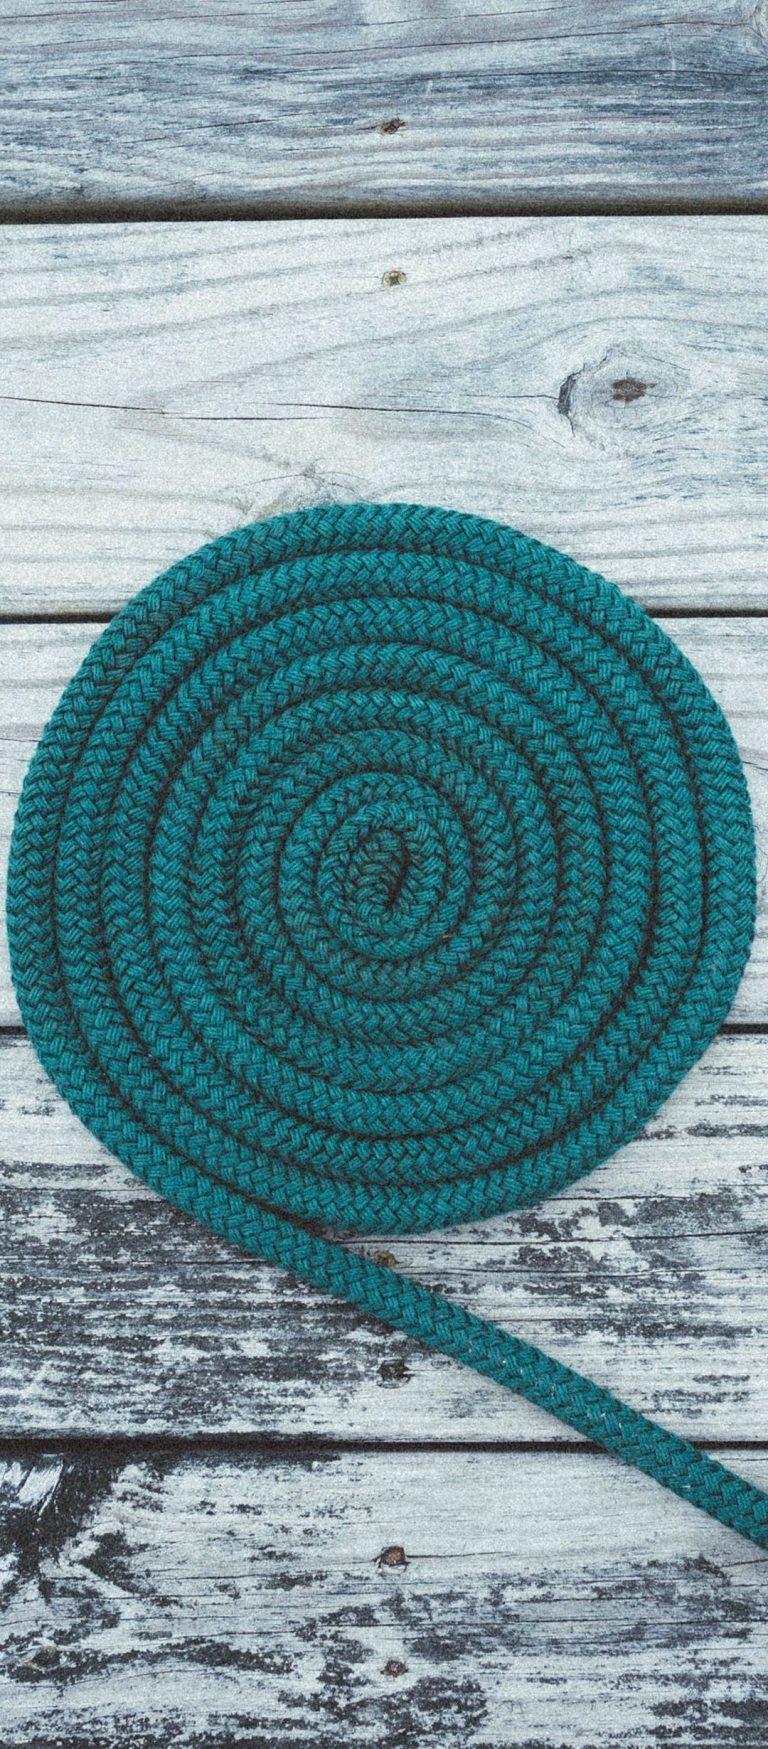 Deck Rope Spiral 1080x2460 768x1749